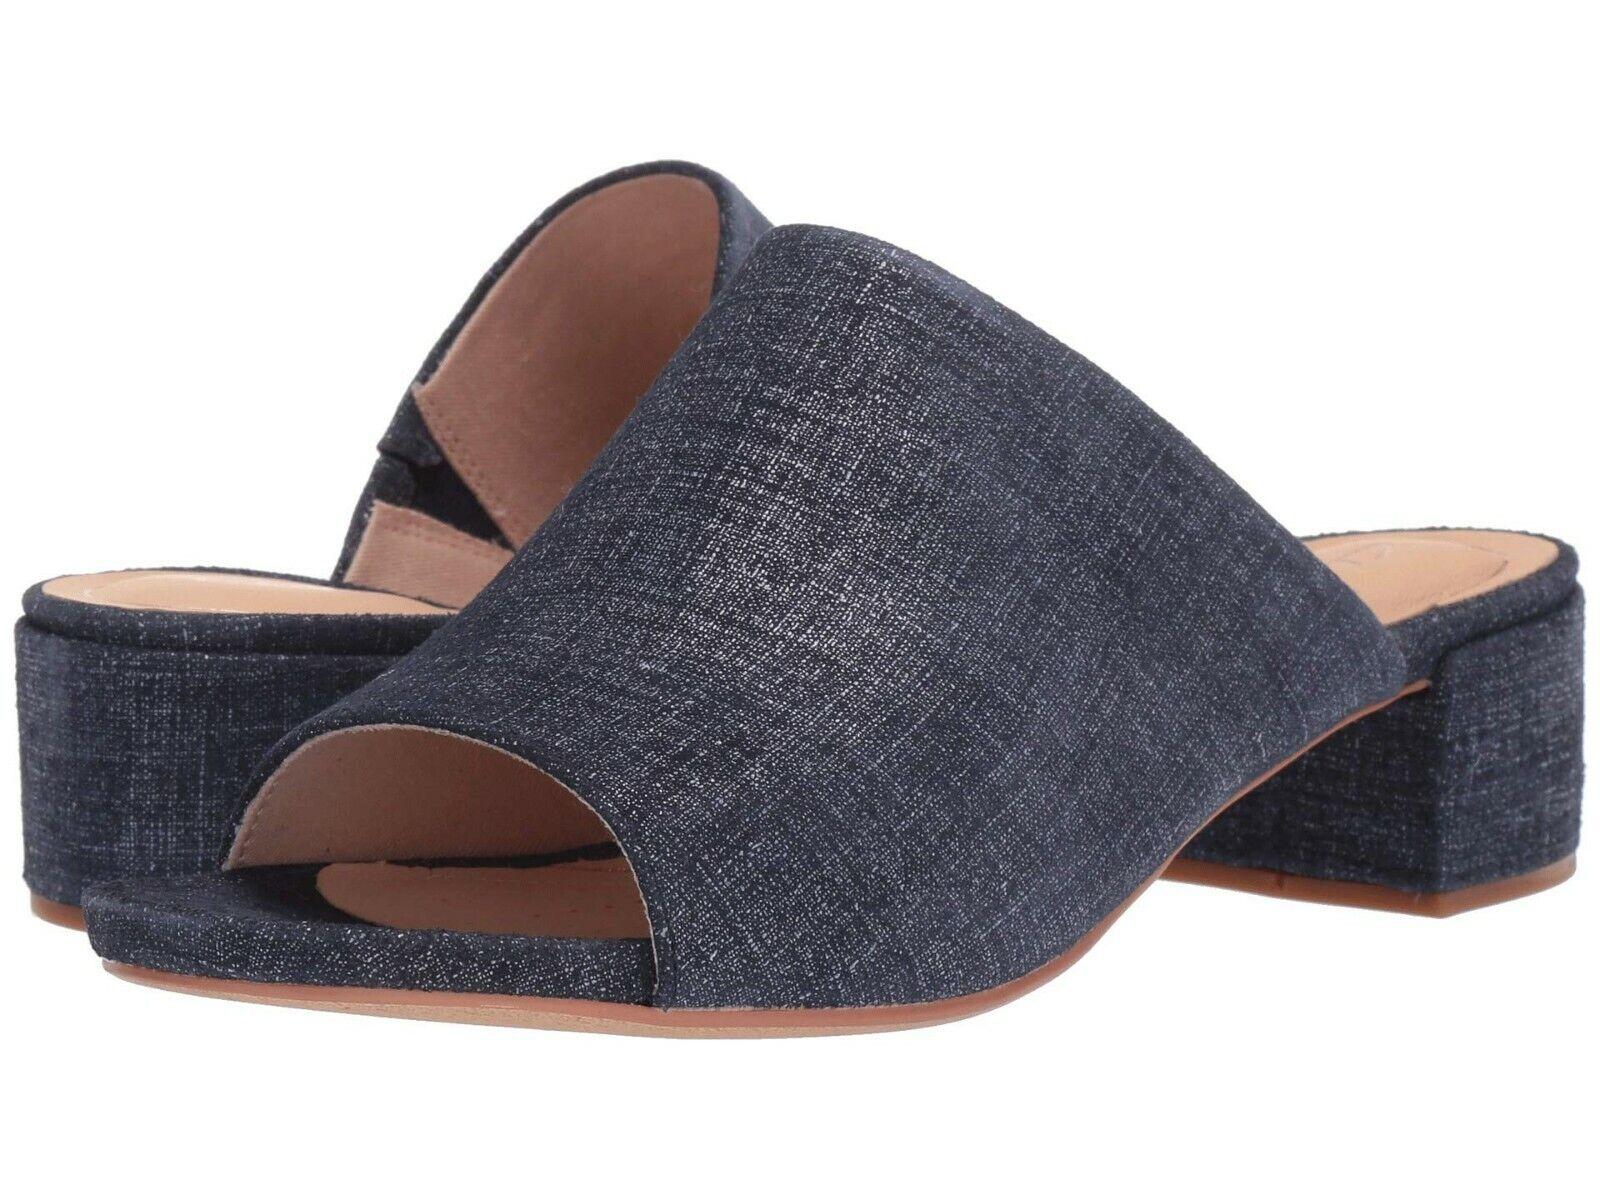 Women's shoes Clarks ORABELLA DAISY Suede Block Heel Sandals 38888 NAVY INTEREST